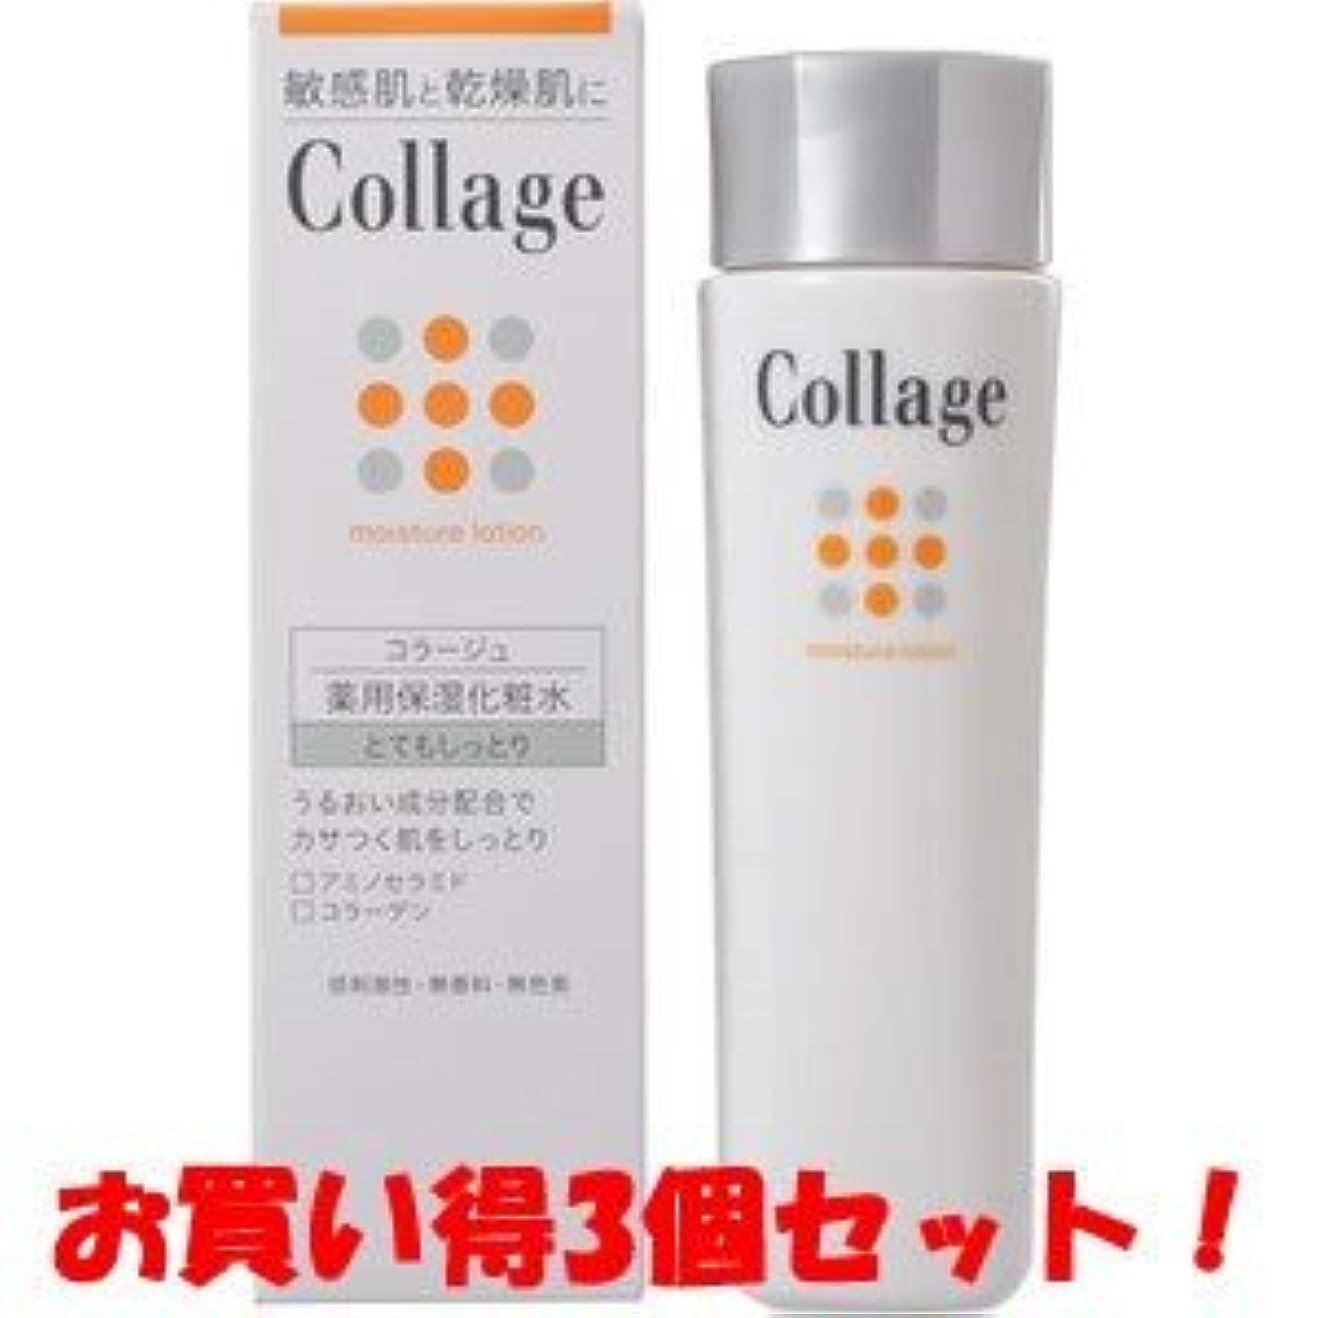 リア王マーチャンダイジング負荷(持田ヘルスケア)コラージュ 薬用保湿化粧水 とてもしっとり 120ml(医薬部外品)(お買い得3個セット)